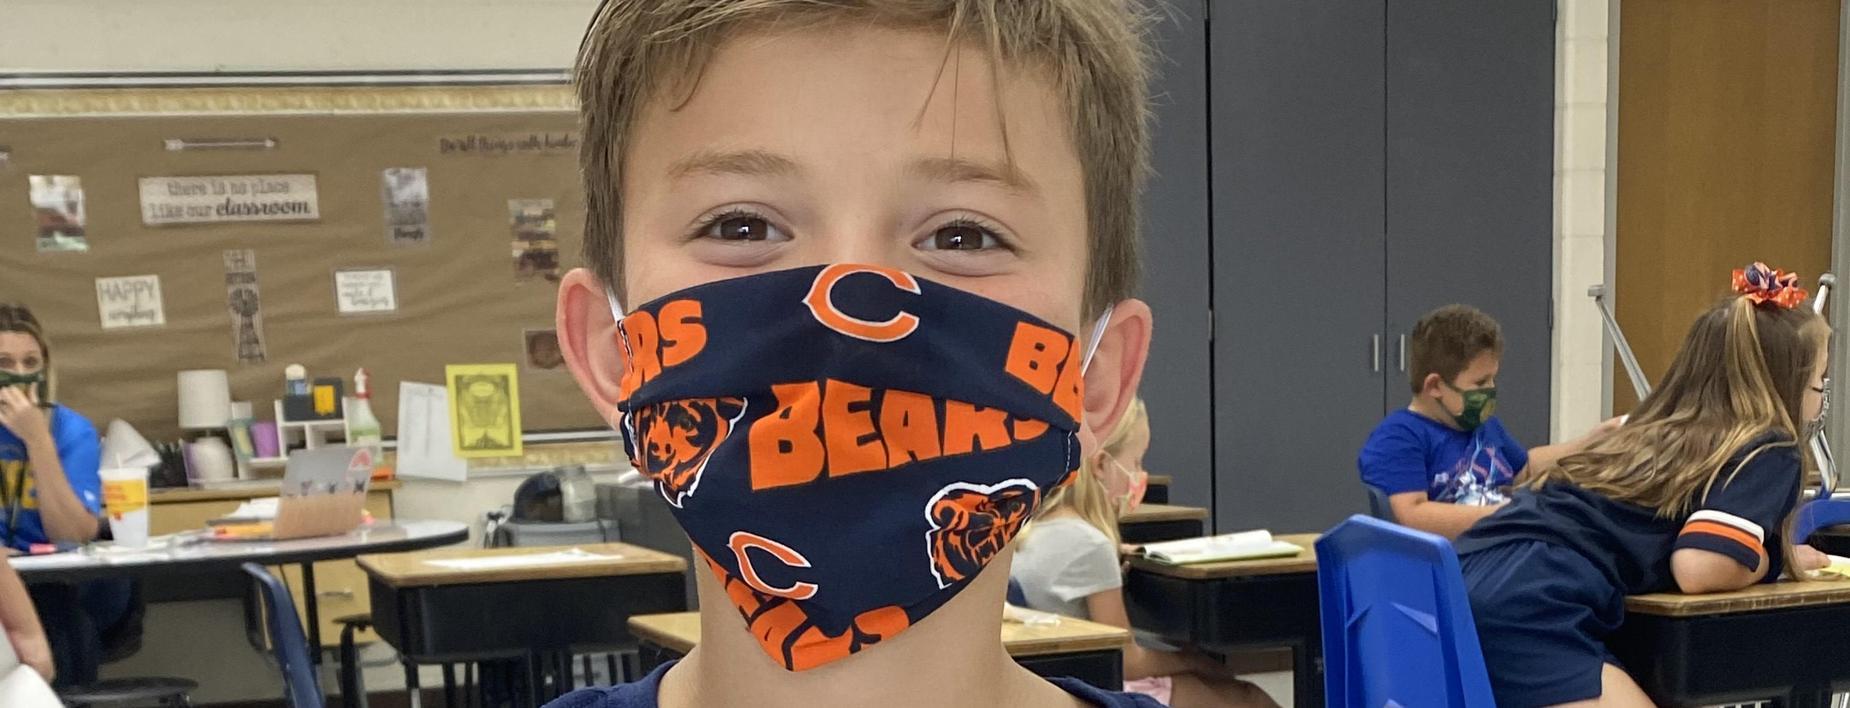 Bears fan